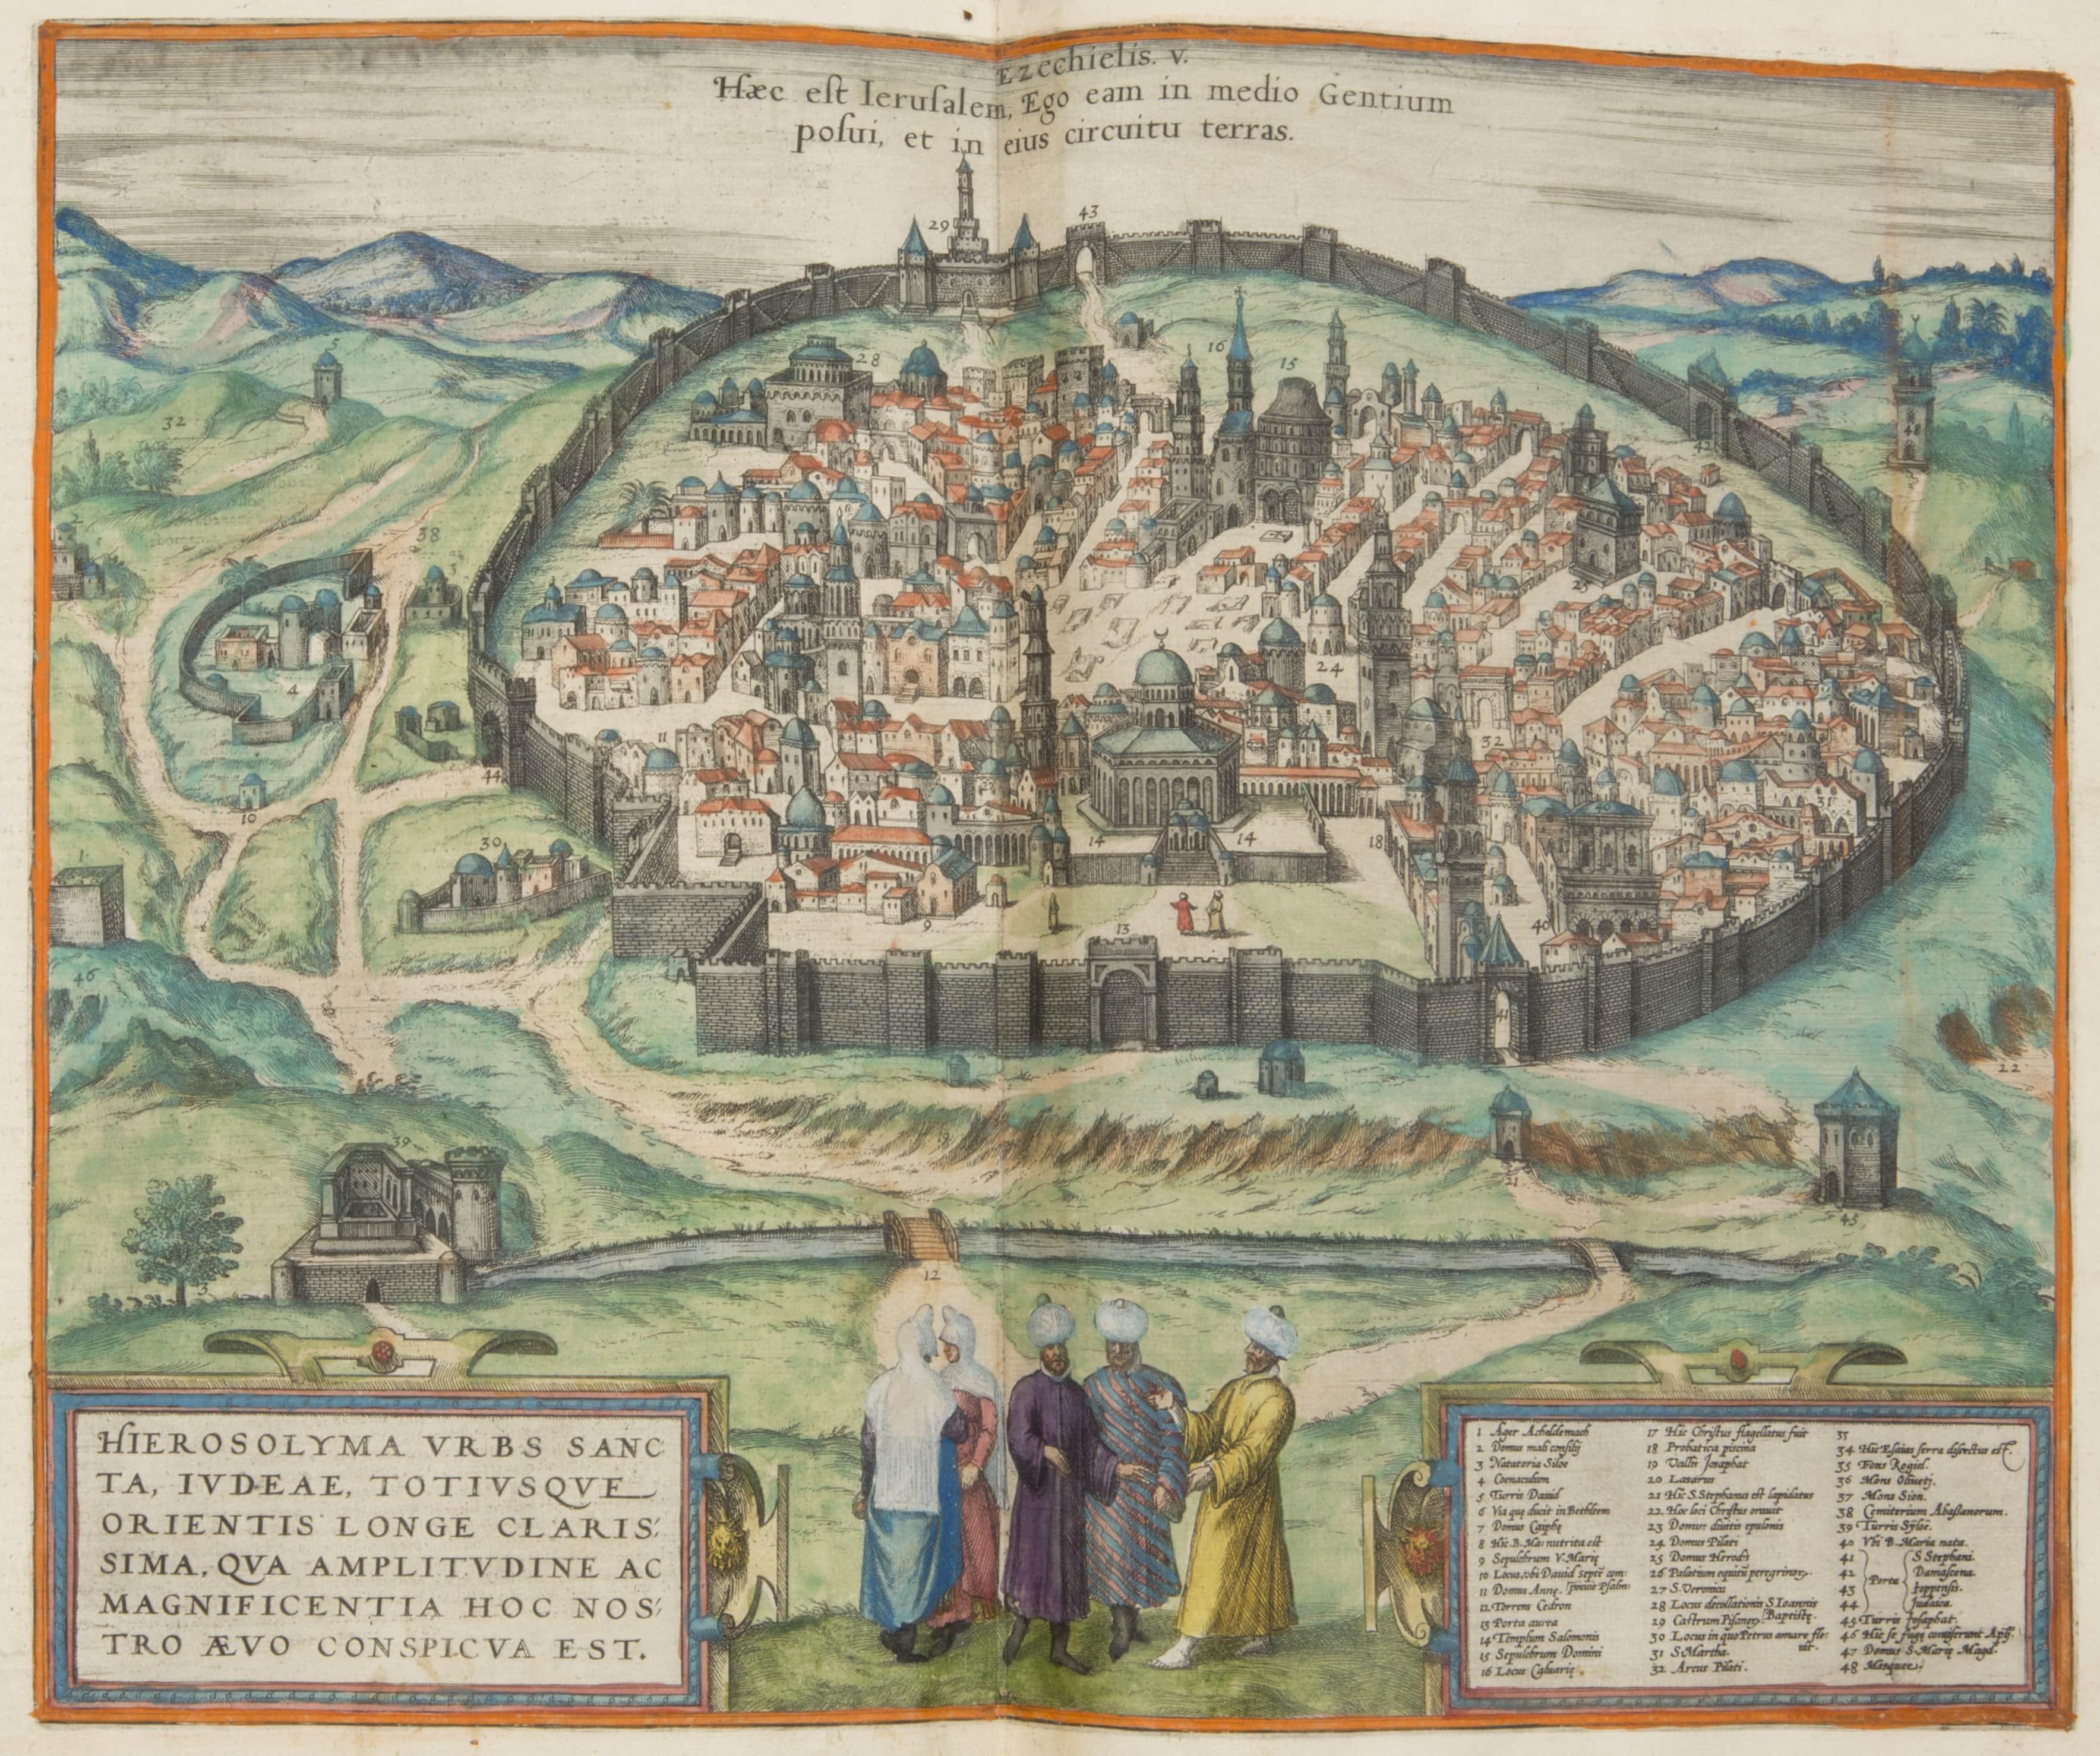 """""""Plan Jerozolimy otoczonej murem"""", z drugiego tomu atlasu miast Georga Bruna I Franza Hogenberga zatytułowanego Civitates orbis terrarum, wydanego w Kolonii w 1588 roku (źródło: materiały źródłowe organizatora)"""